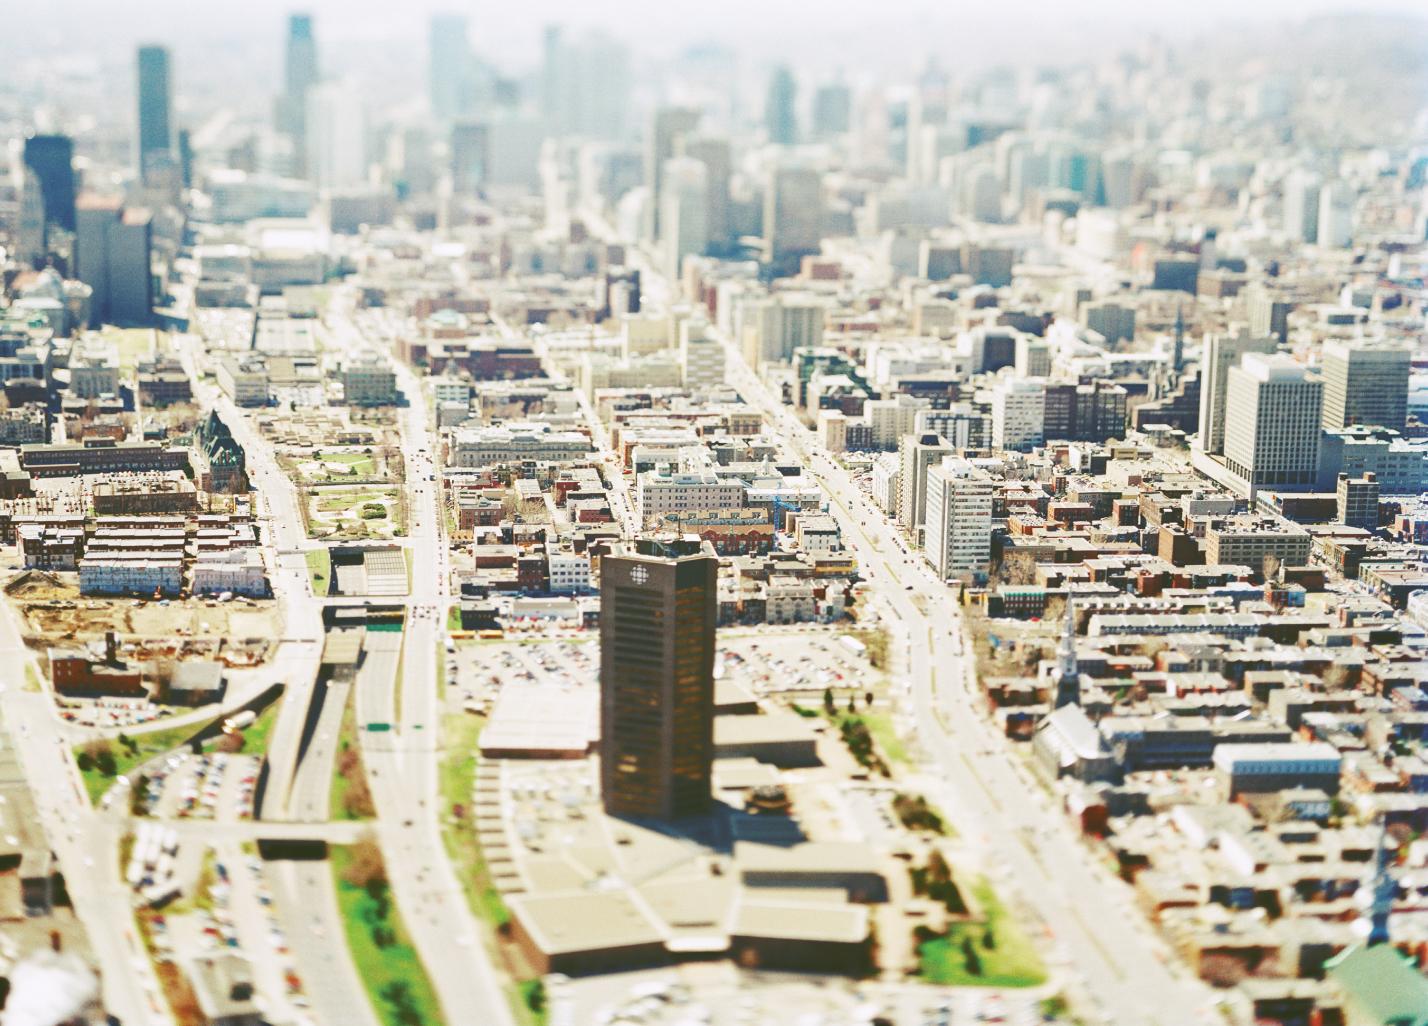 Amplifier Montréal,Cities for People et la Fondation de la famille J.W. McConnell : microsite en anglais créé dans le cadre du 375e de Montréal pour mettre en lumière le passé, le présent et l'avenir de la ville.